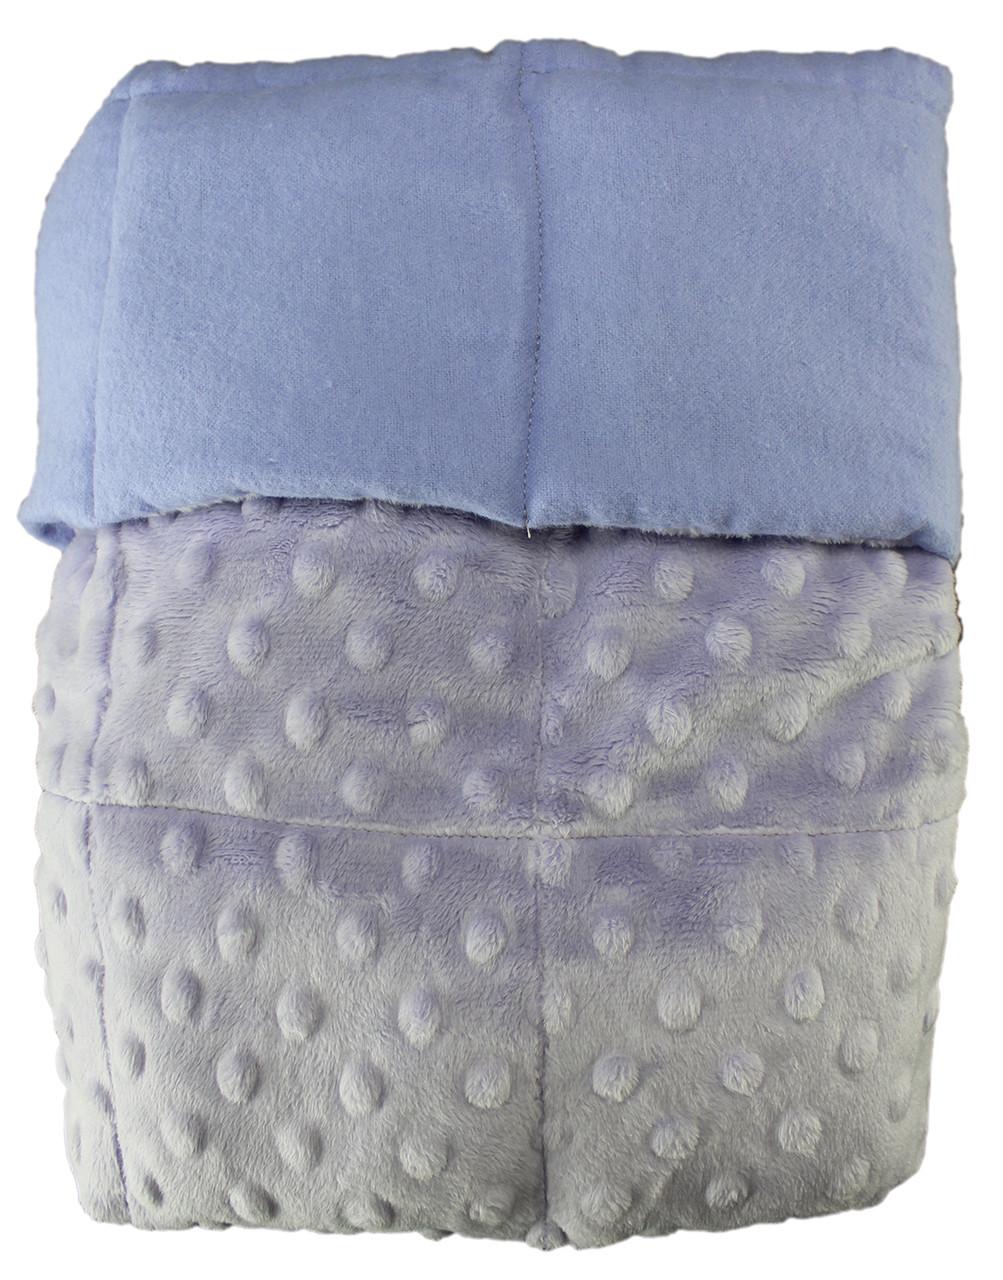 Lavender Soft Dots